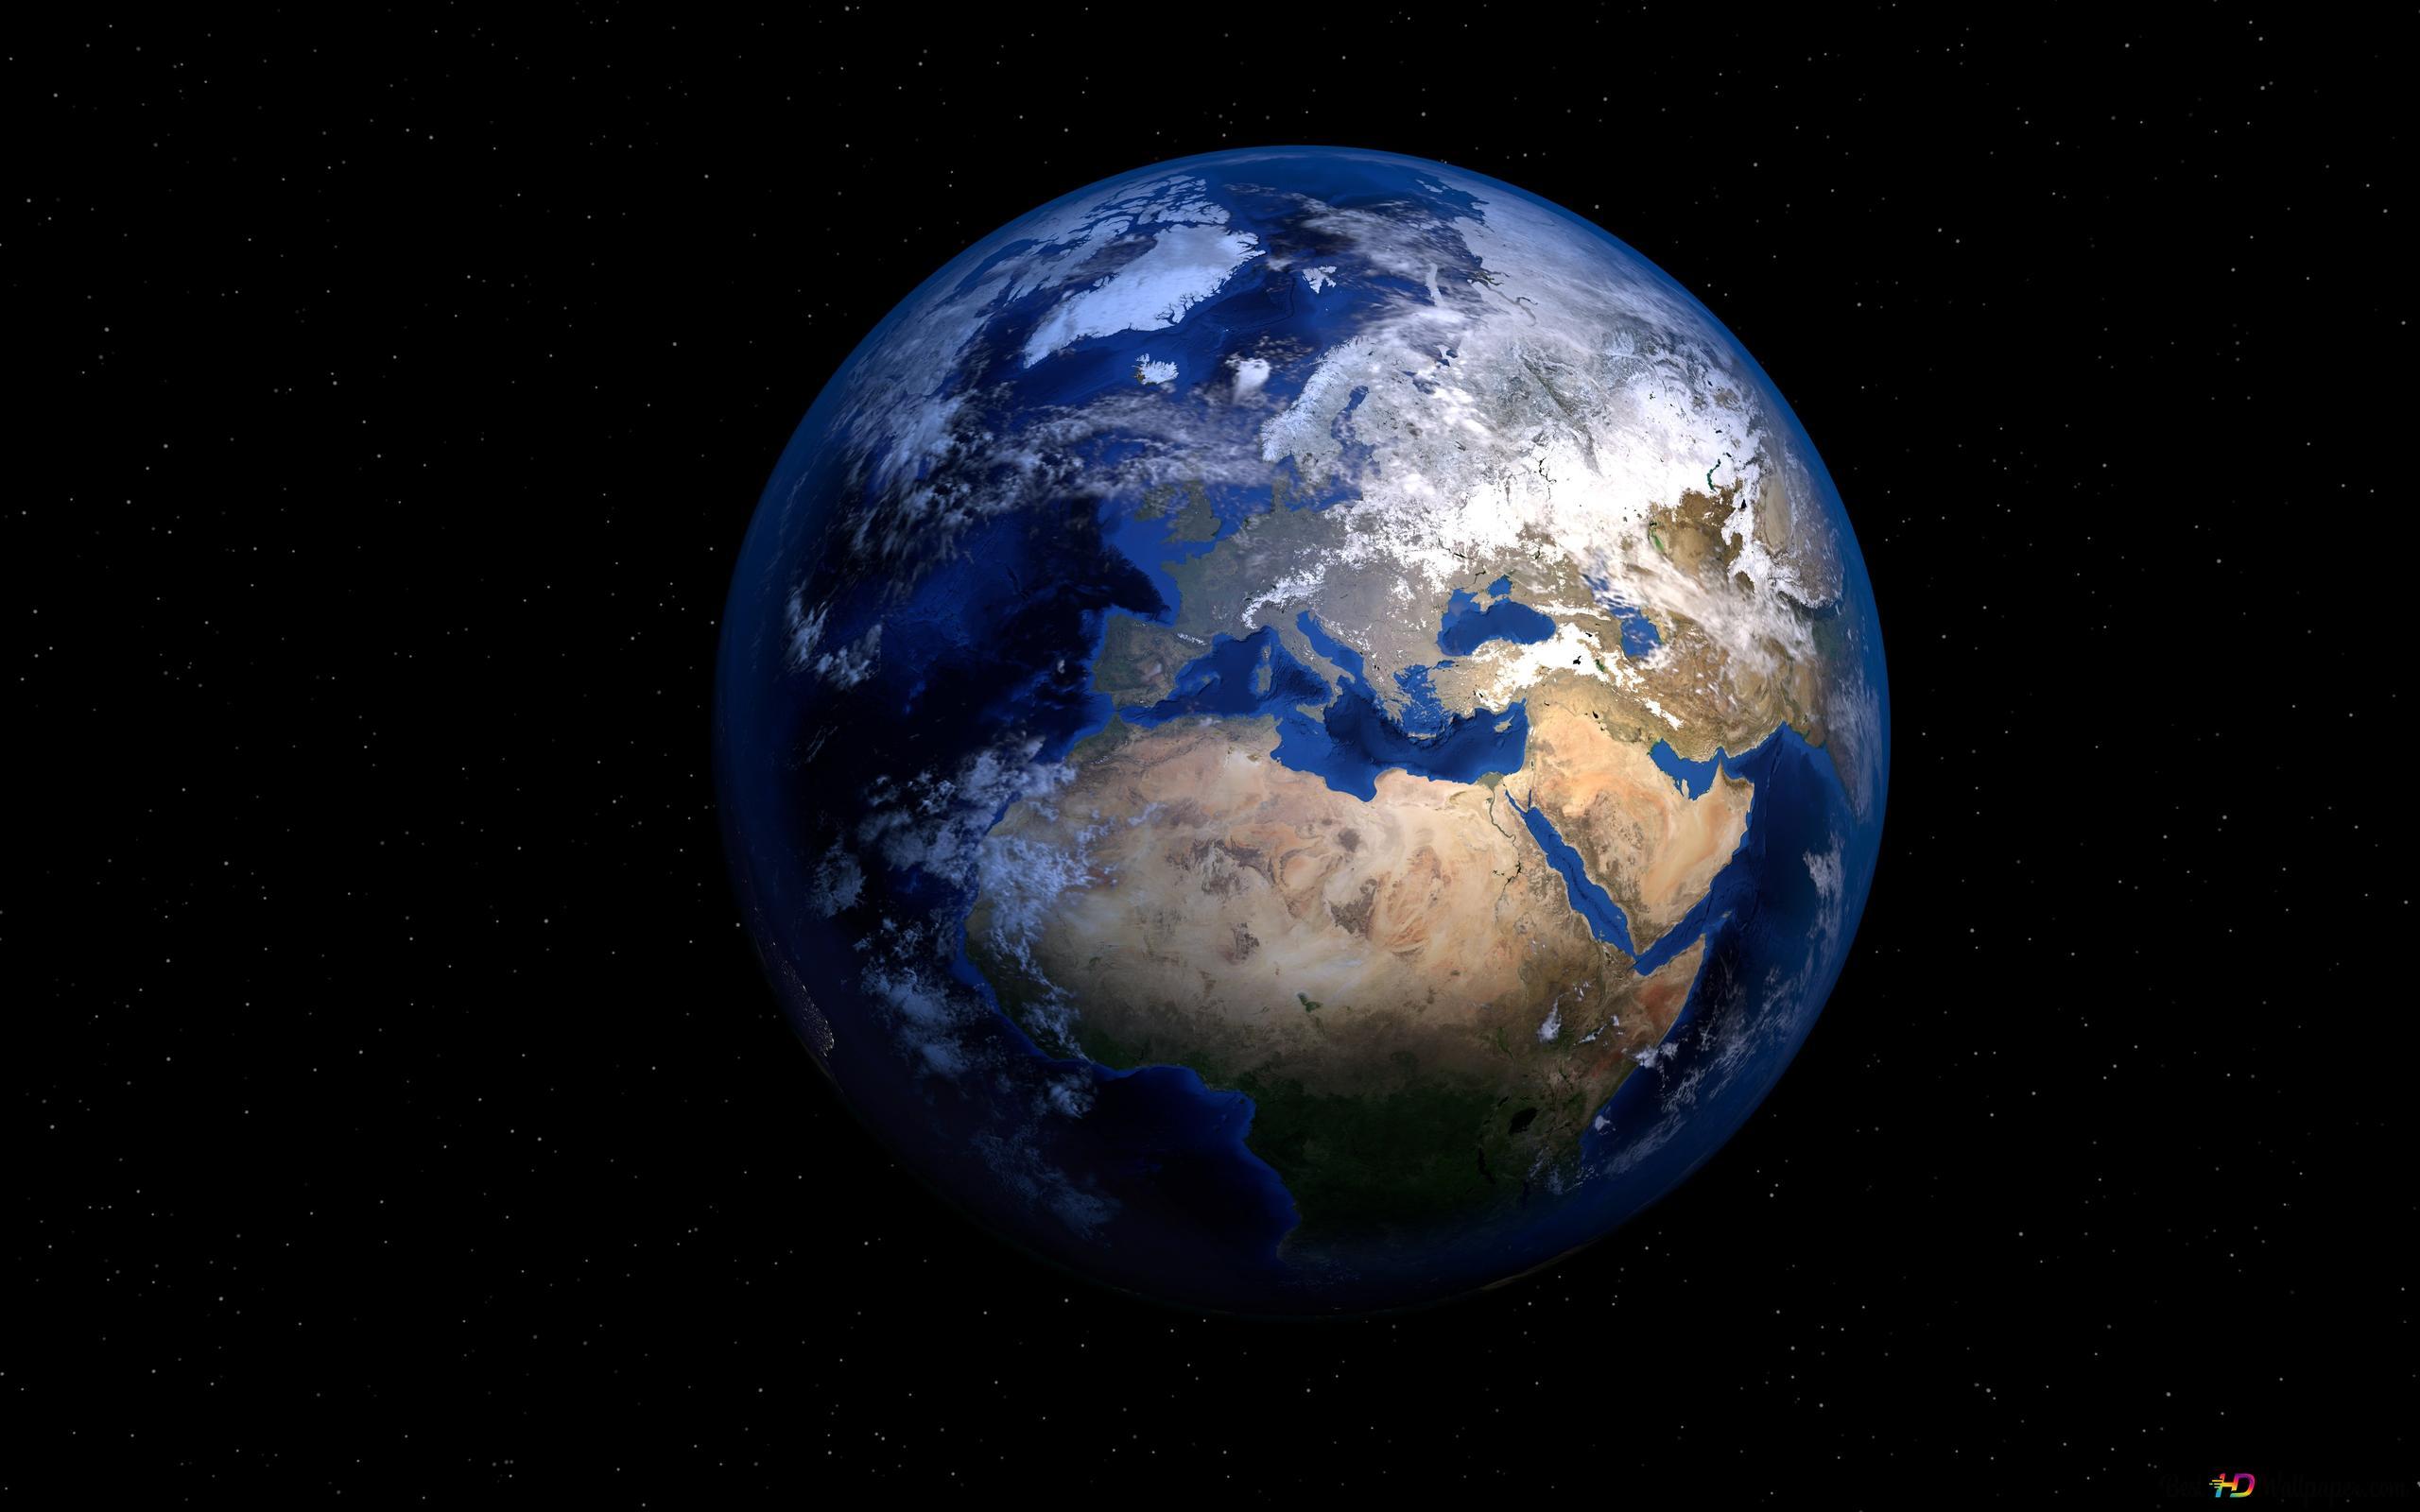 الأرض على خلفية سوداء تنزيل خلفية Hd